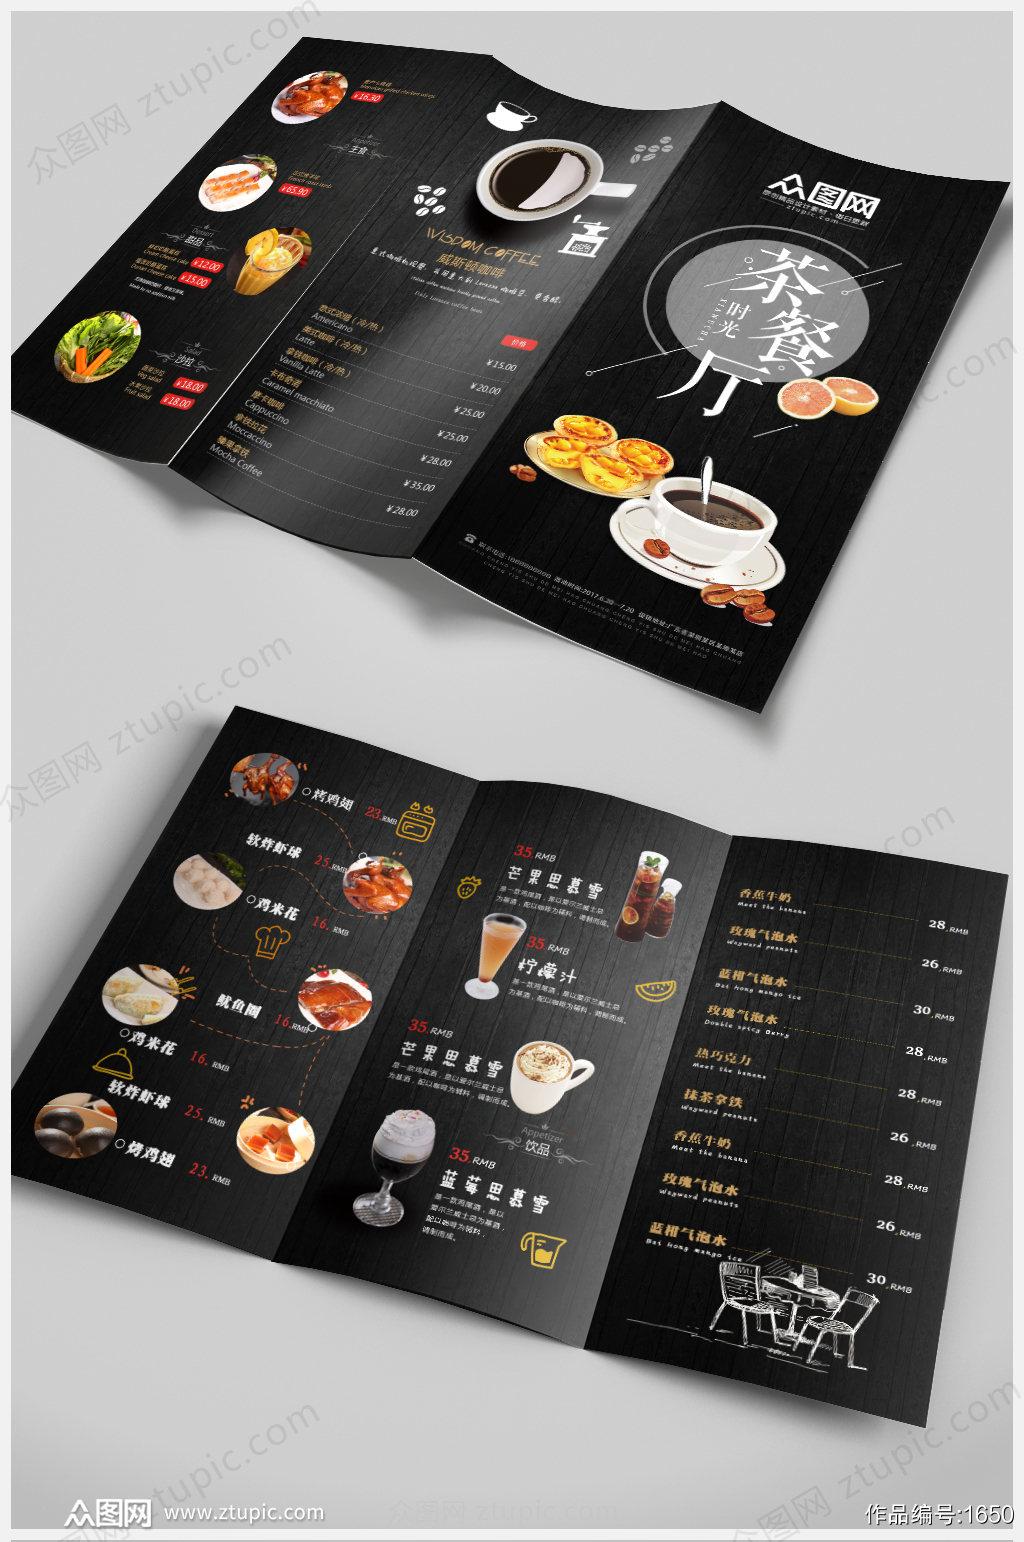 简约黑色茶餐厅美食饮品菜单三折页菜谱内页素材